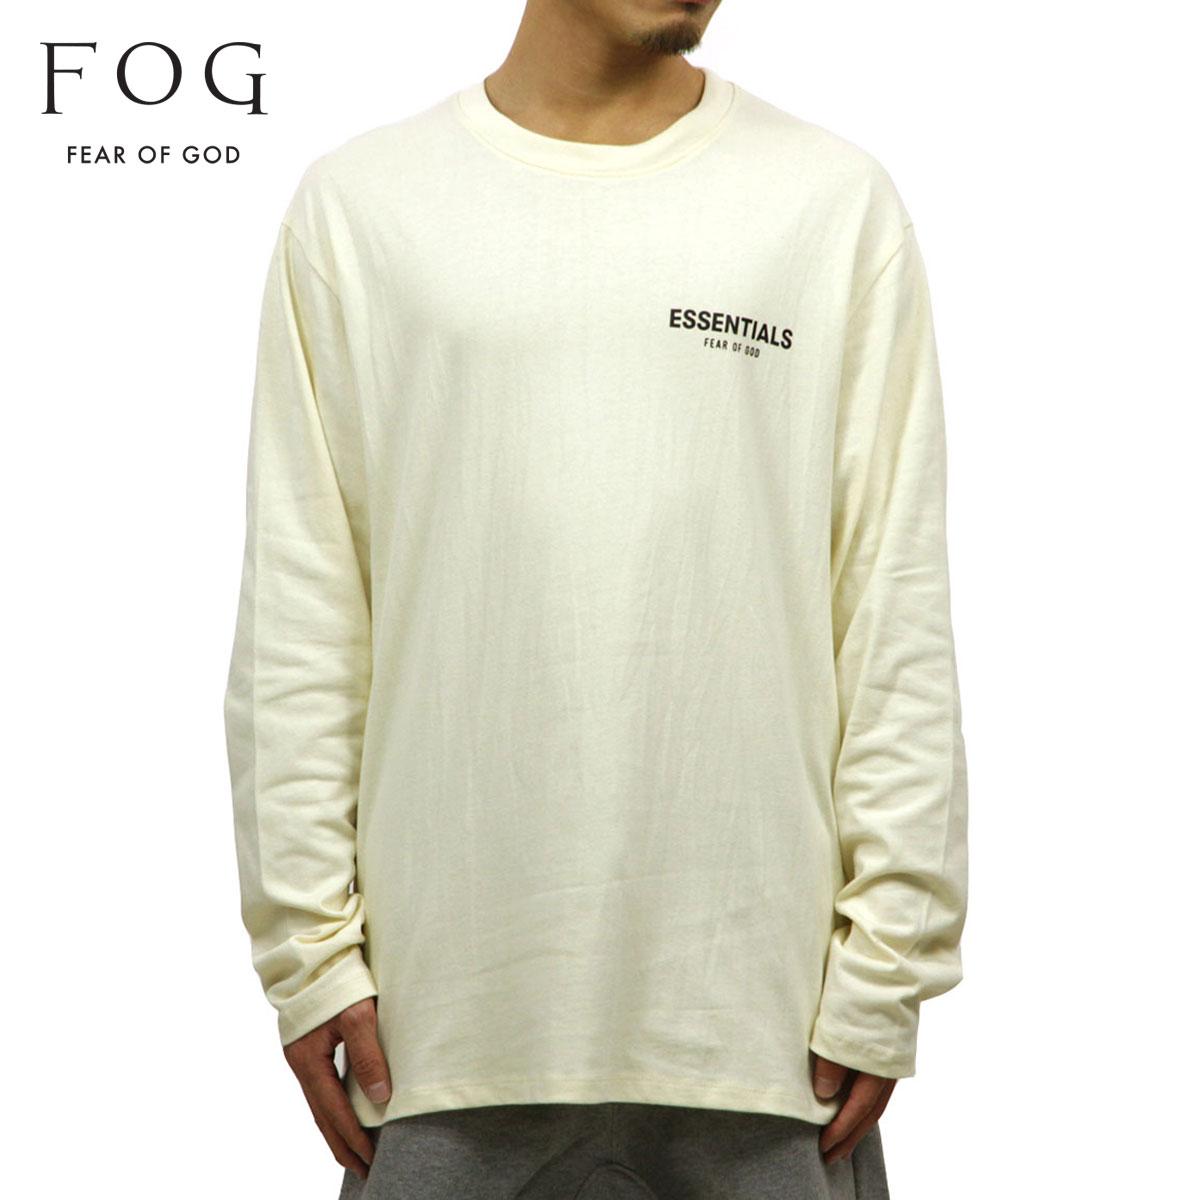 フィアオブゴッド FEAR OF GOD 正規品 メンズ クルーネック ロゴ 長袖Tシャツ FOG - FEAR OF GOD ESSENTIALS BOXY LOGO LONG SLEEVE T-SHIRT CREAM